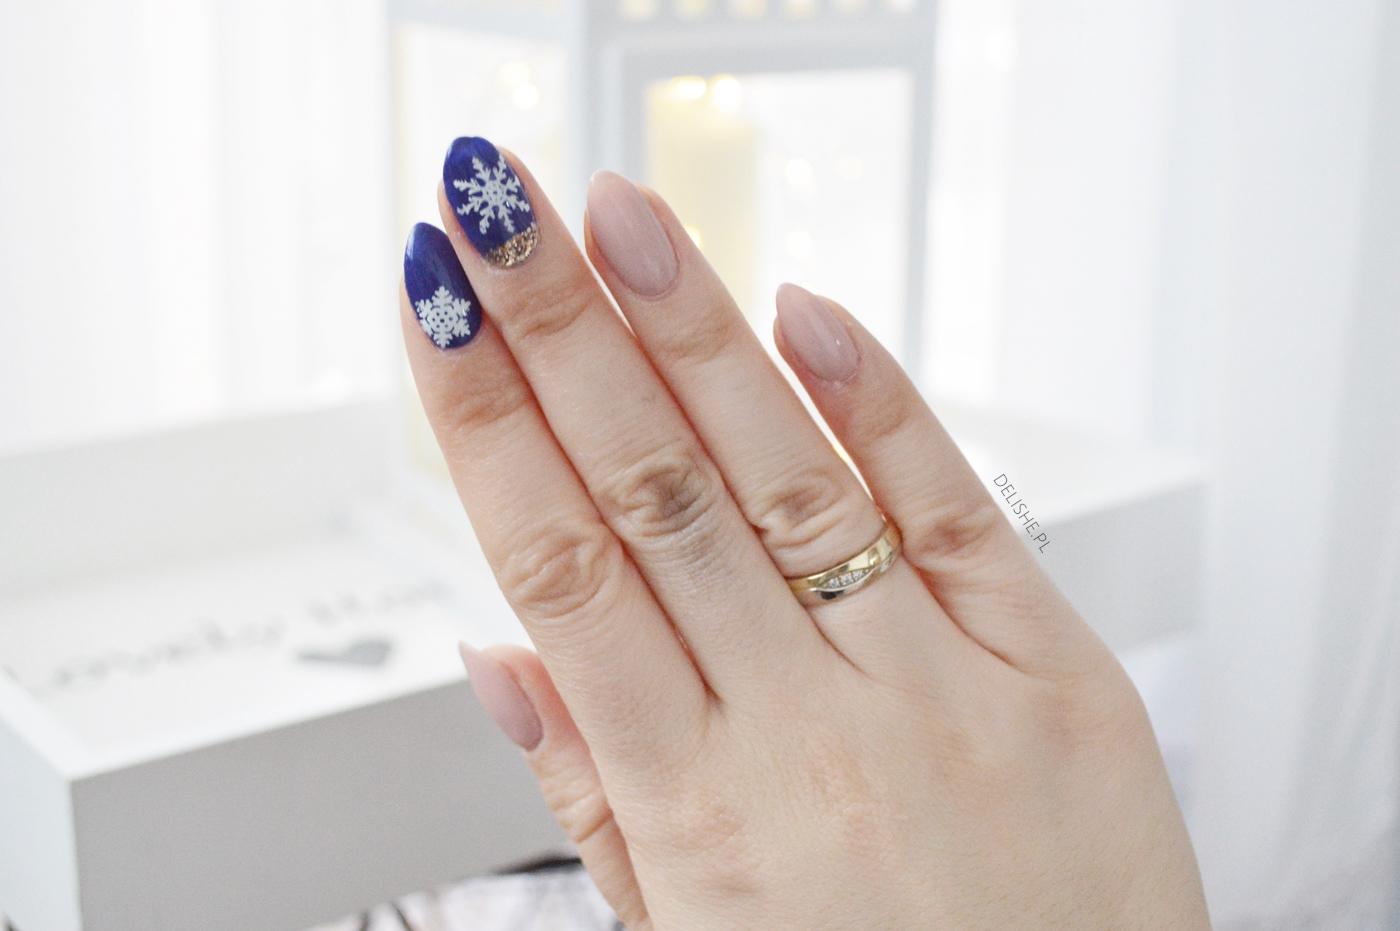 płatki śniegu na paznokciach, śnieżynki manicure